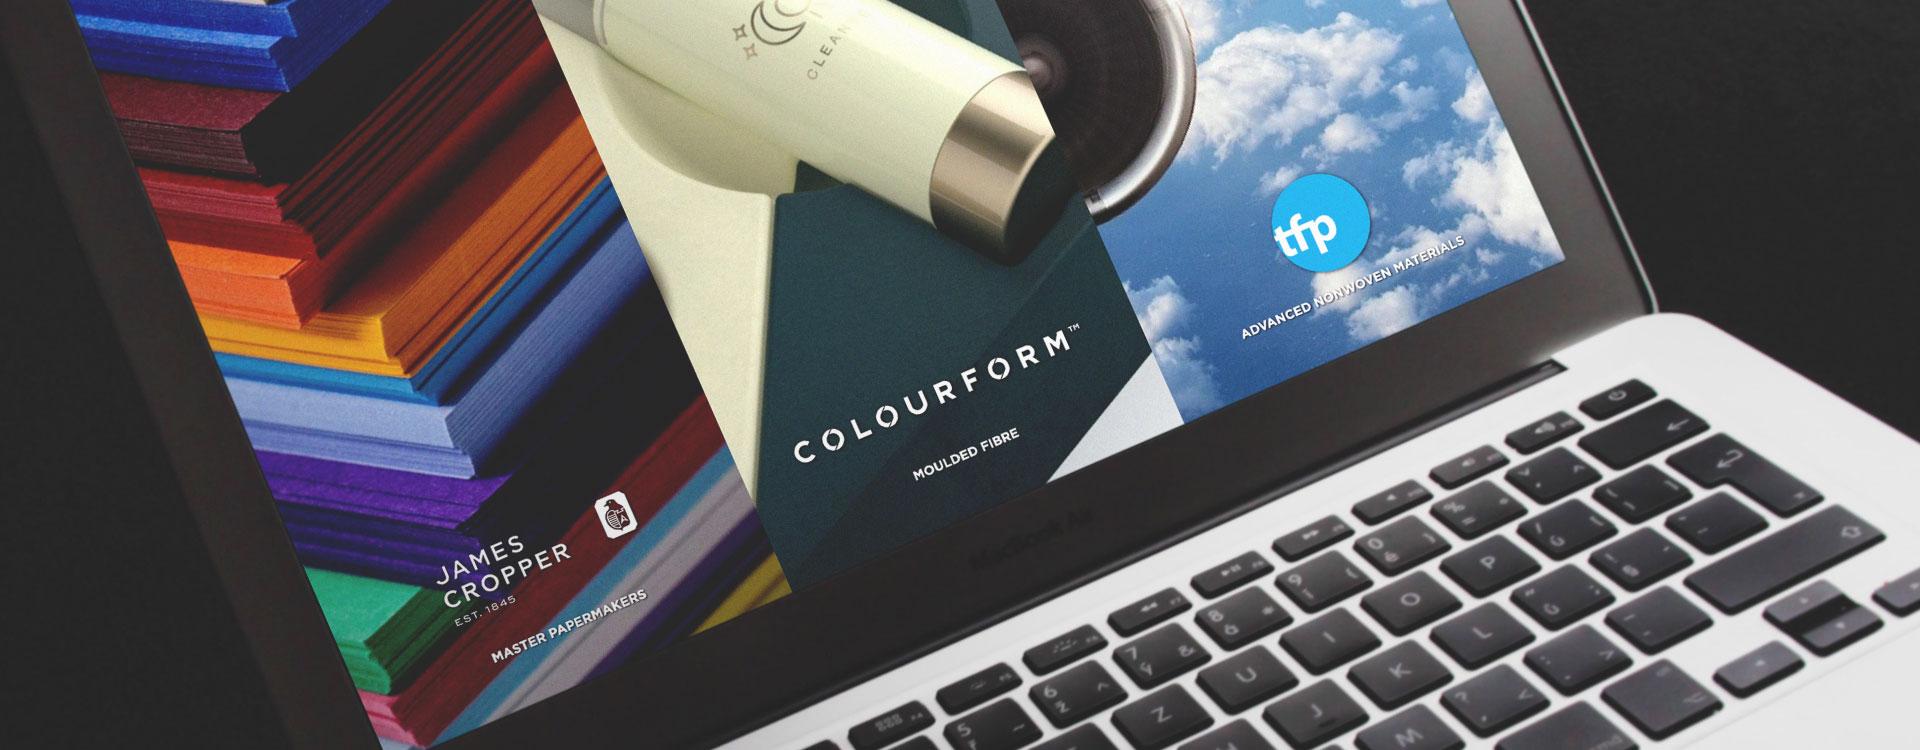 Plain Creative Project - James Cropper PLC Website 1